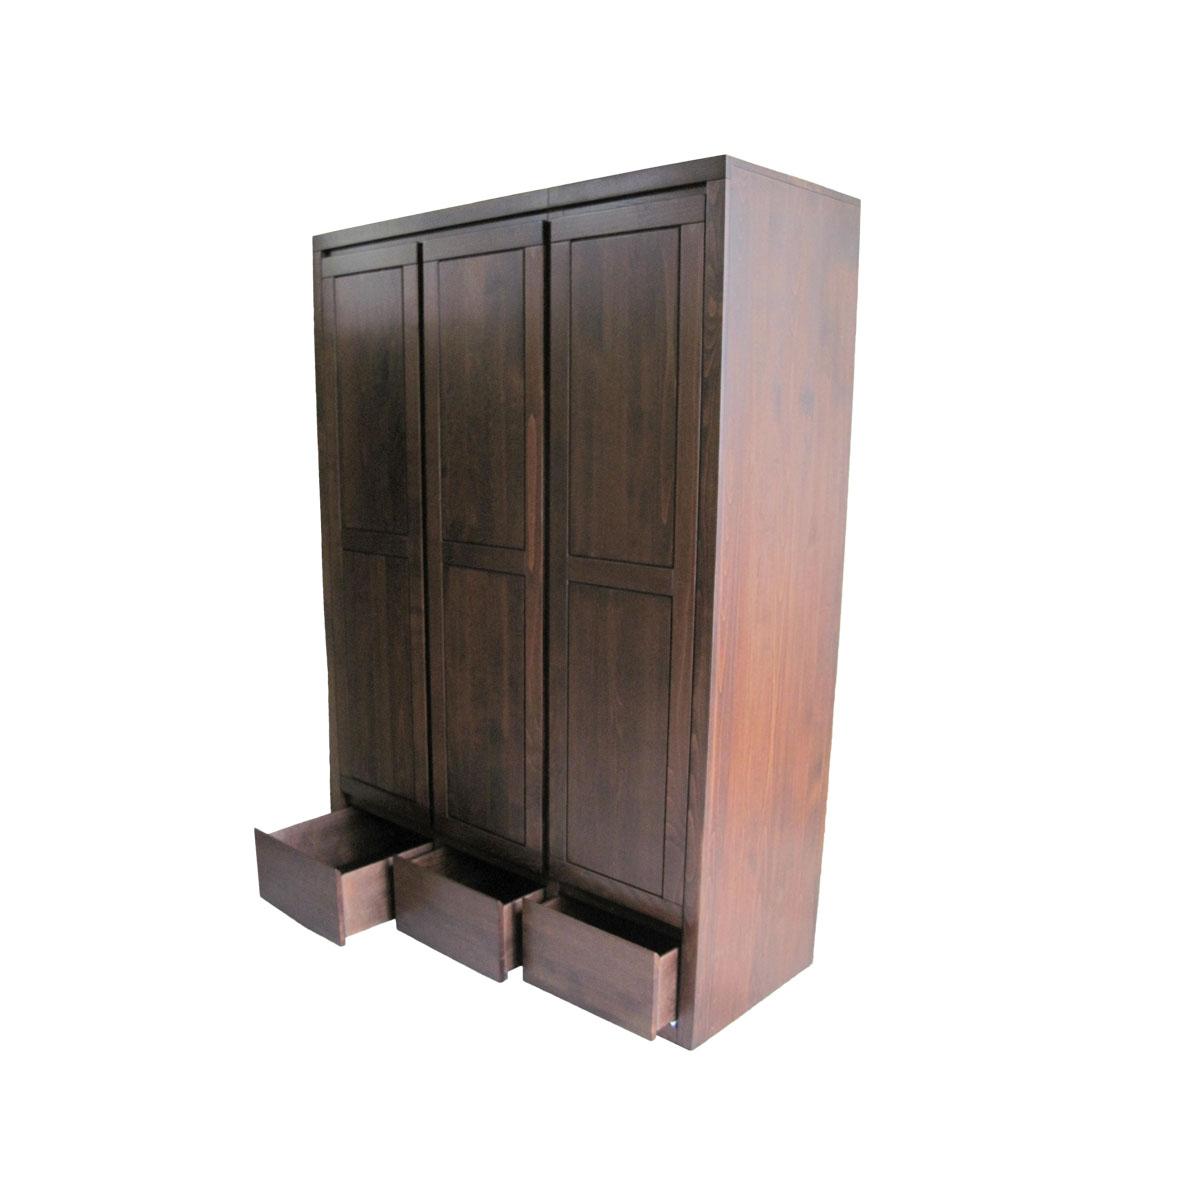 szafa bukowa z trzema szufladami